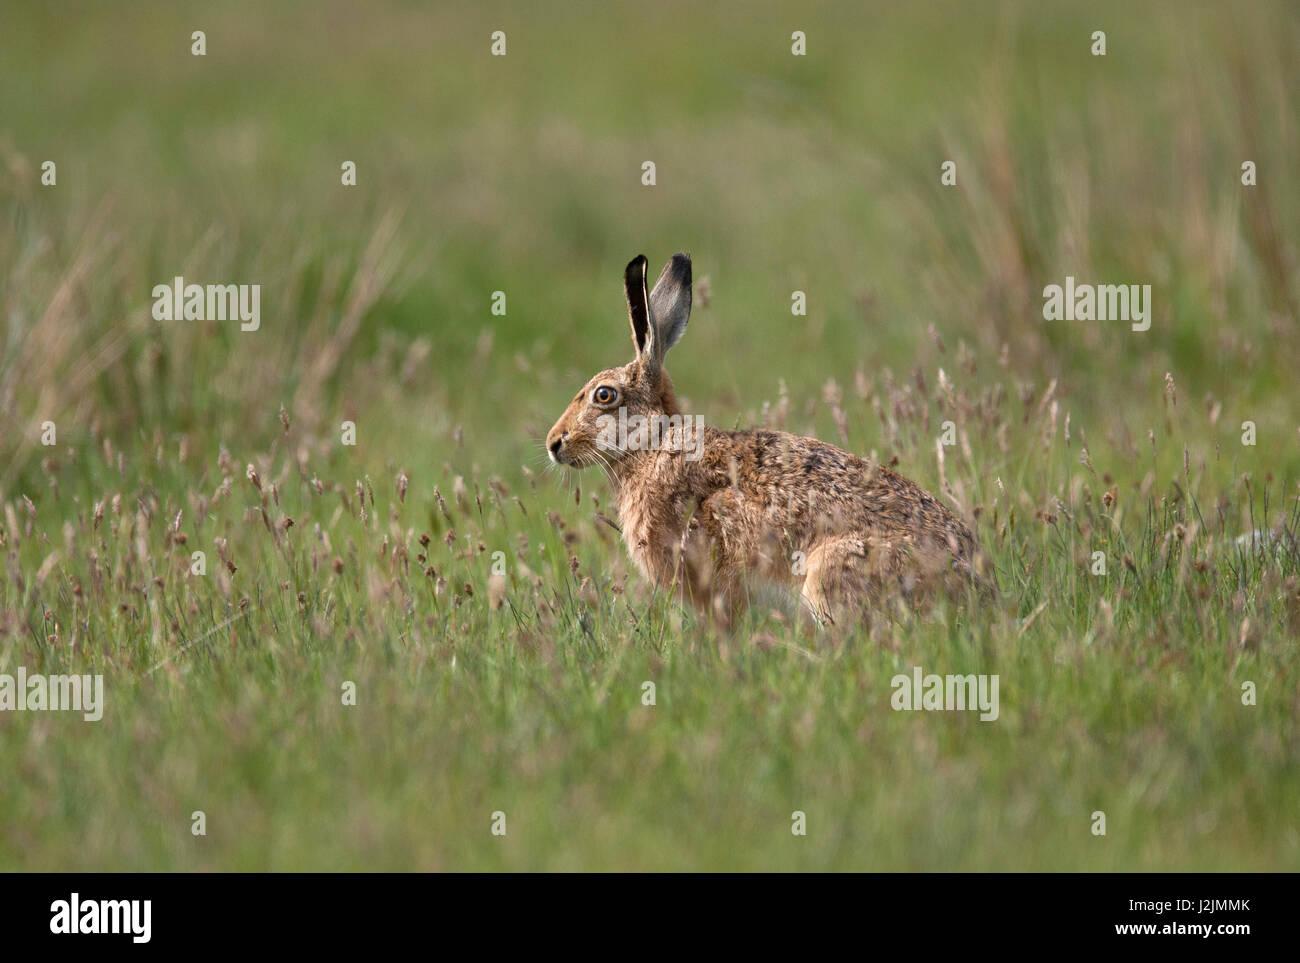 Brown, lepre Lepus capensis singolo adulto seduto nel campo in Scozia, Regno Unito Immagini Stock